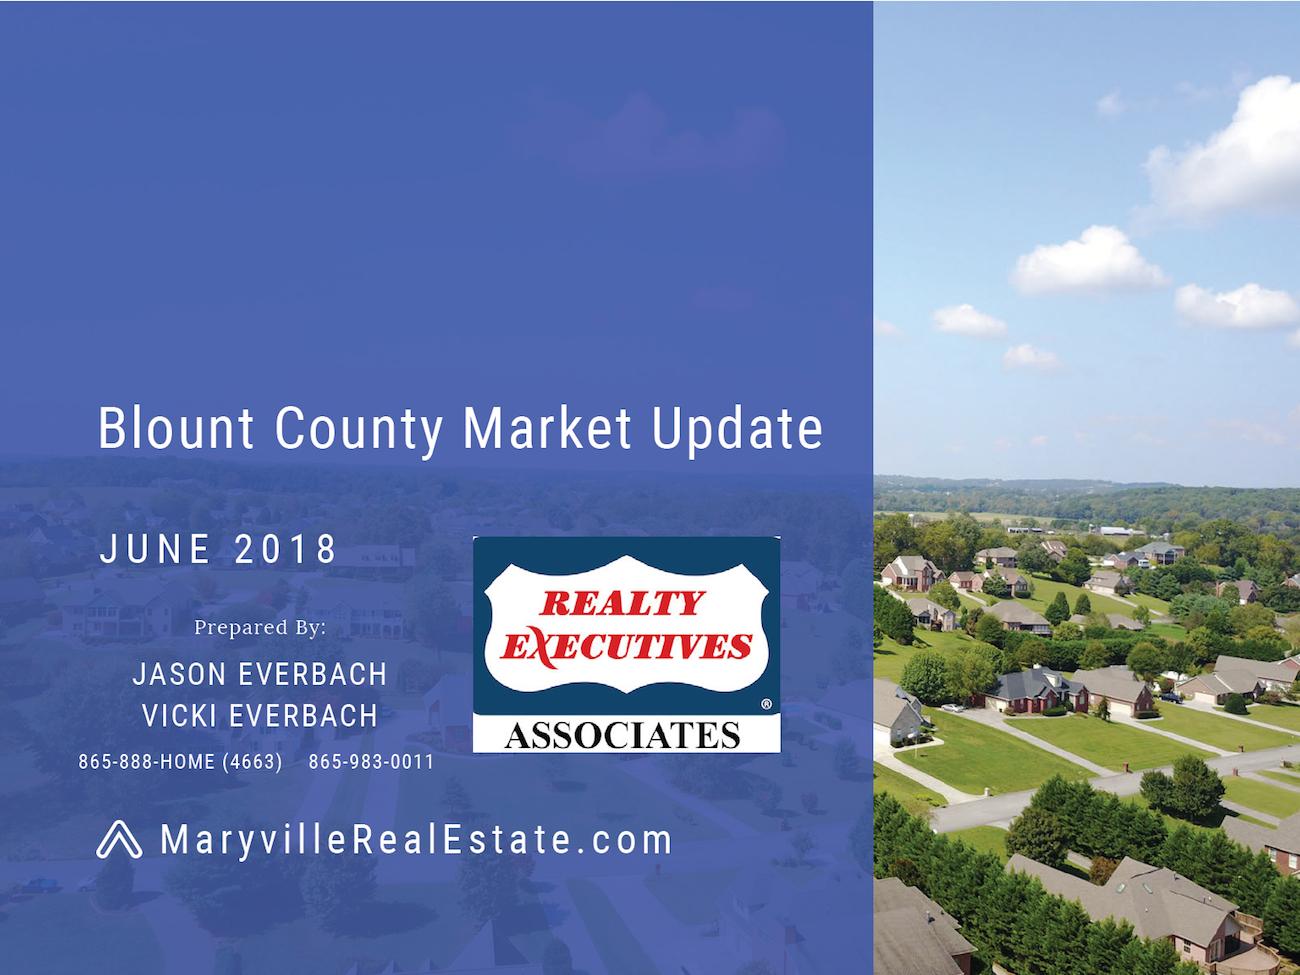 June 2018 Blount County Market Update Report